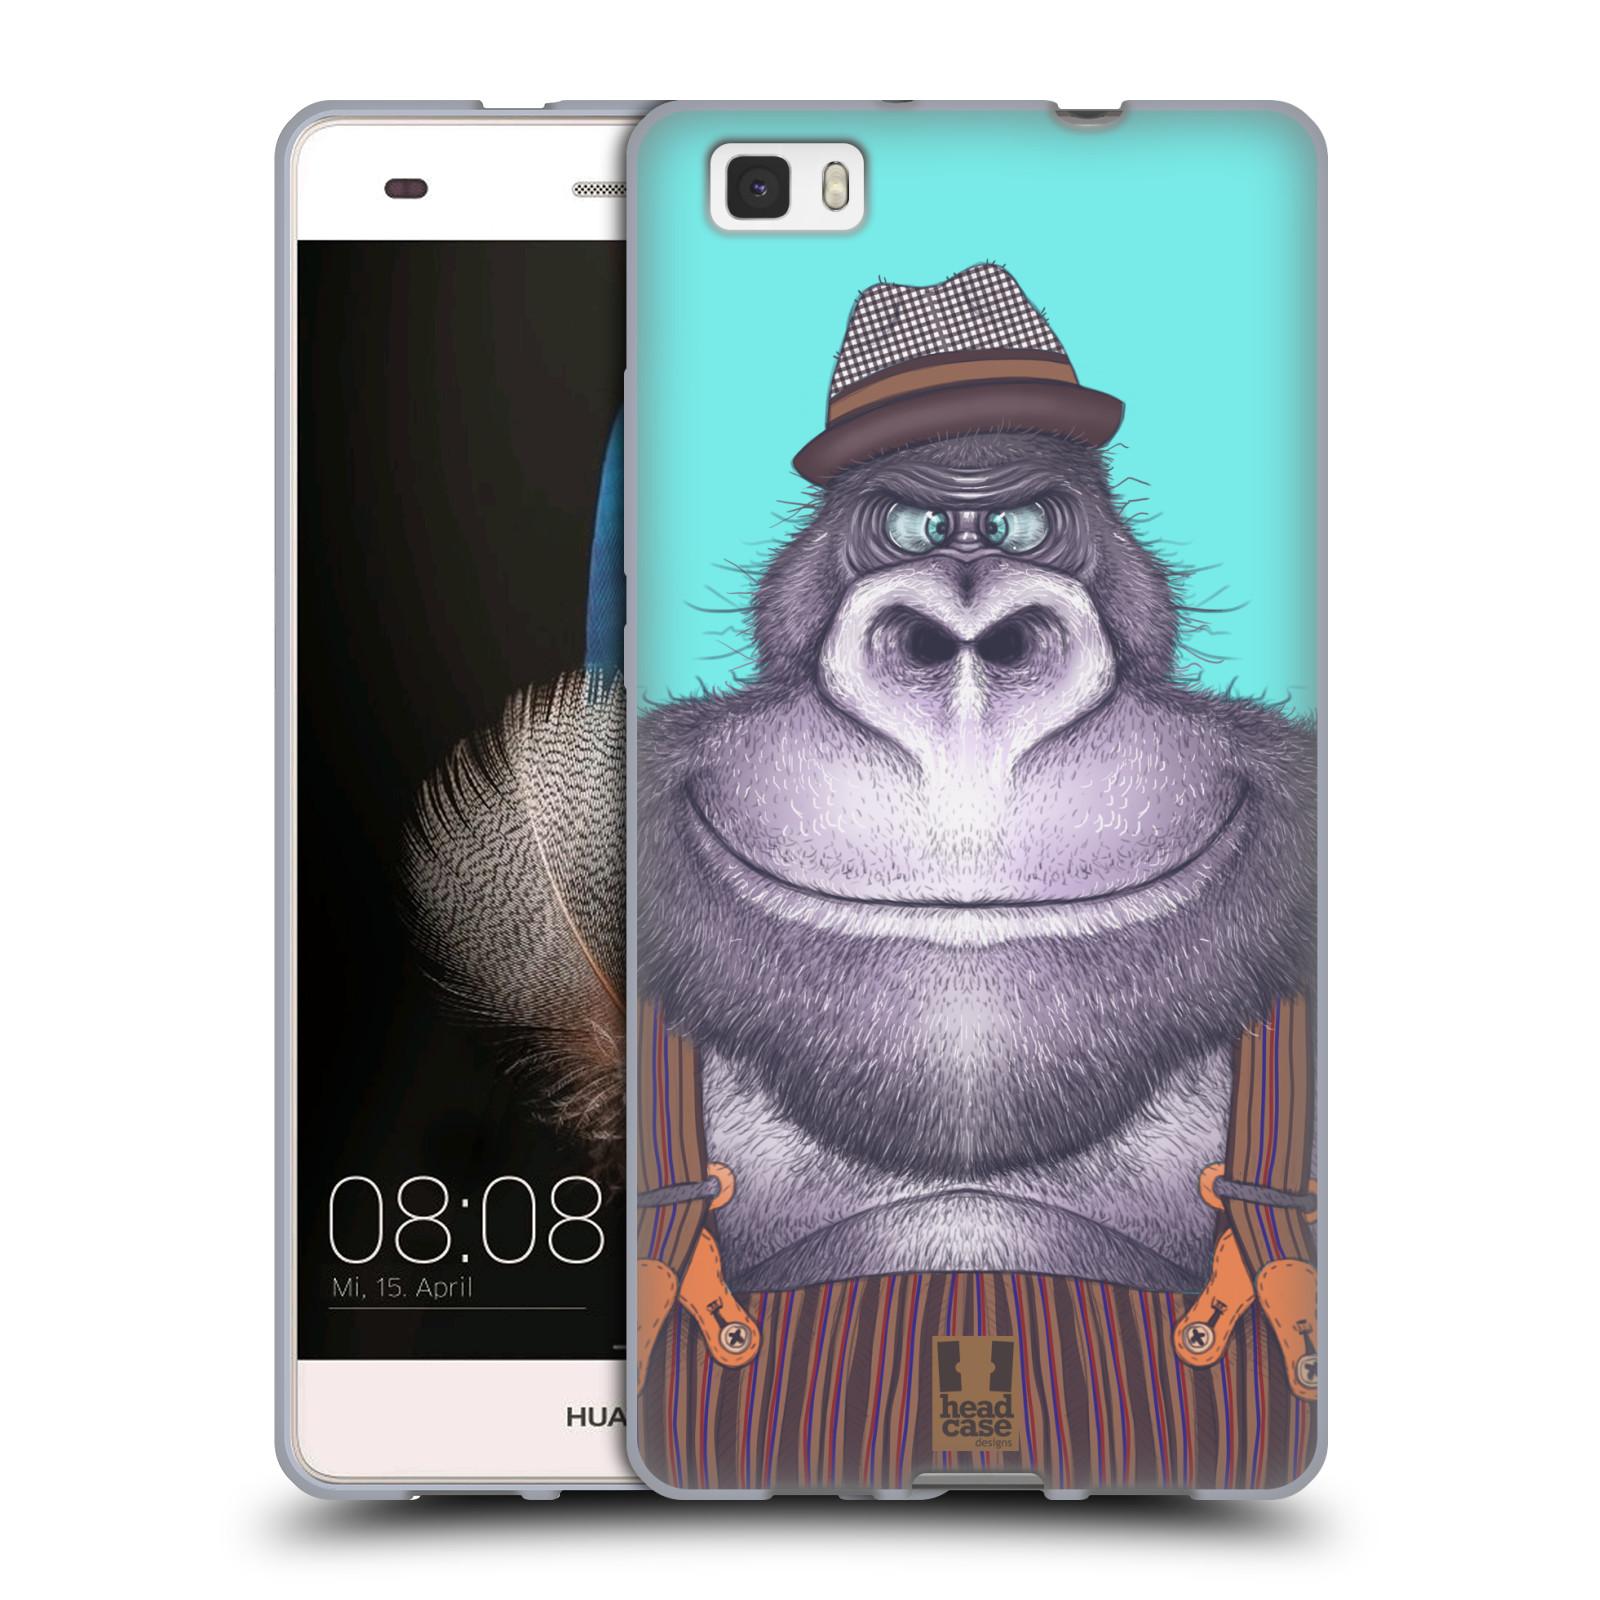 HEAD CASE silikonový obal na mobil HUAWEI P8 LITE vzor Kreslená zvířátka gorila